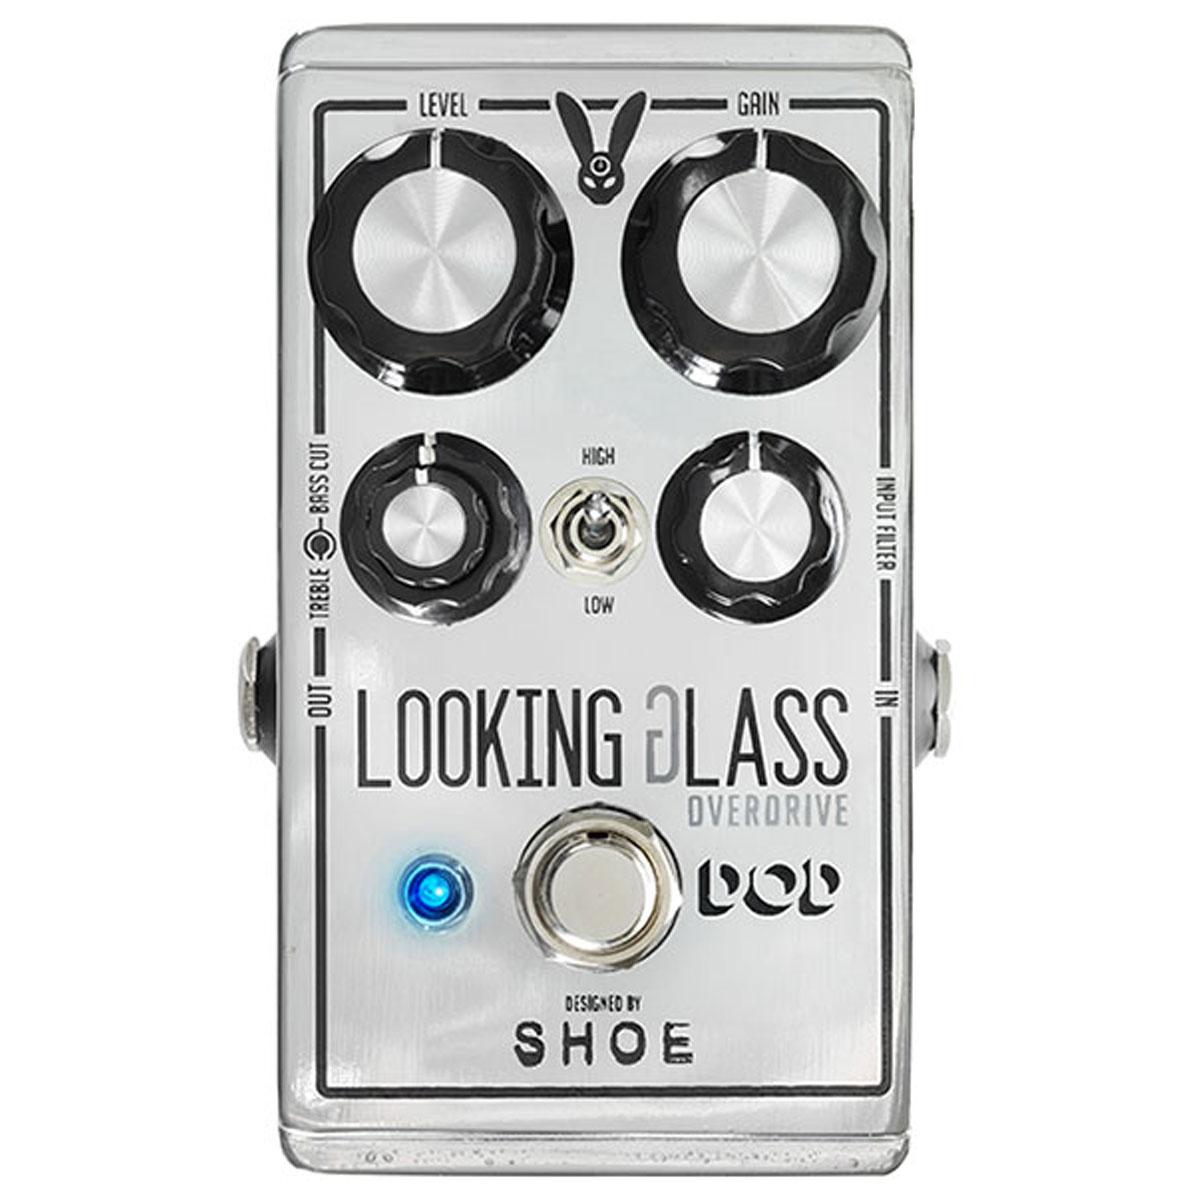 【送料無料/新品】 DOD/ DOD Looking Glass/ Overdrive [オーバードライブ]【アウトレット特価 Overdrive】【渋谷店】, 日本製:ecd924b9 --- totem-info.com